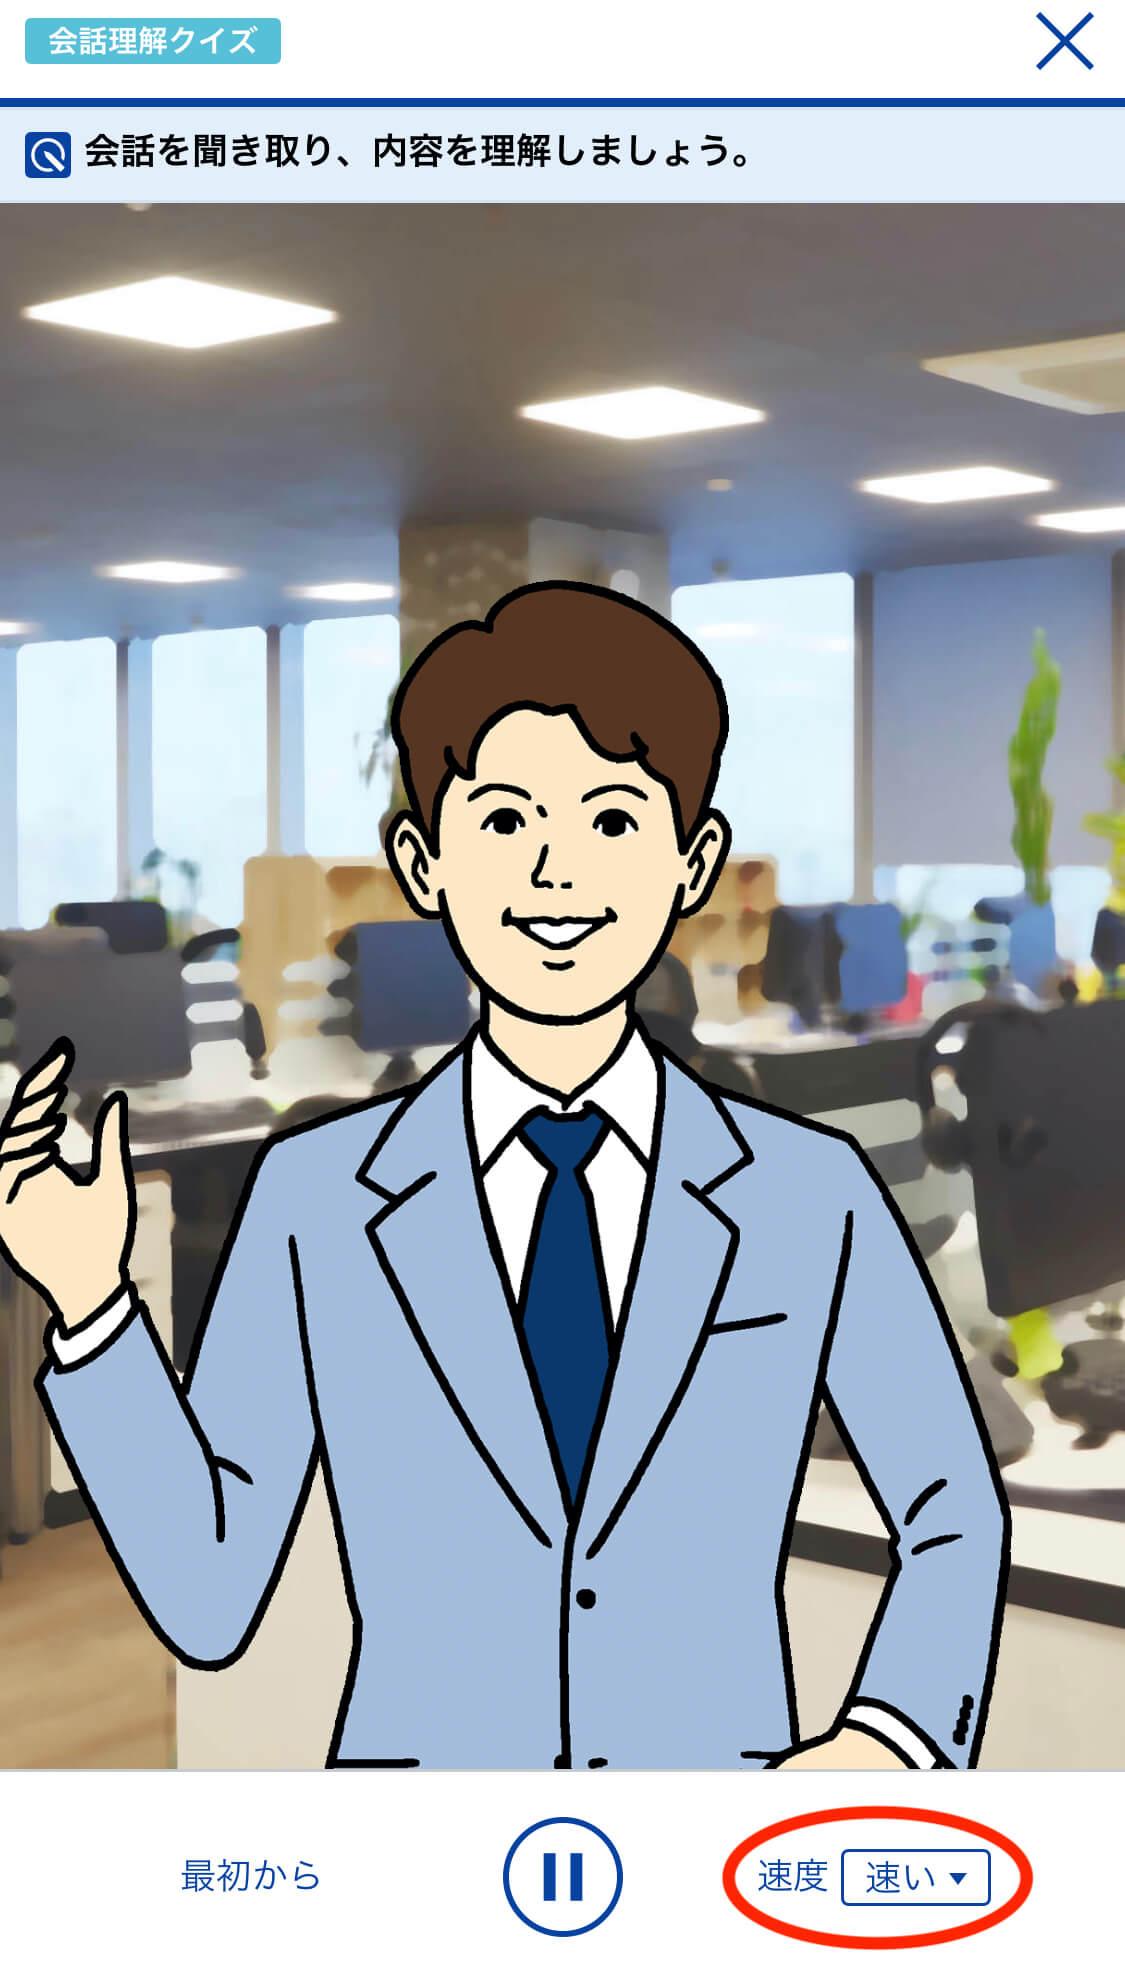 スタディサプリビジネス英語コース 会話形式